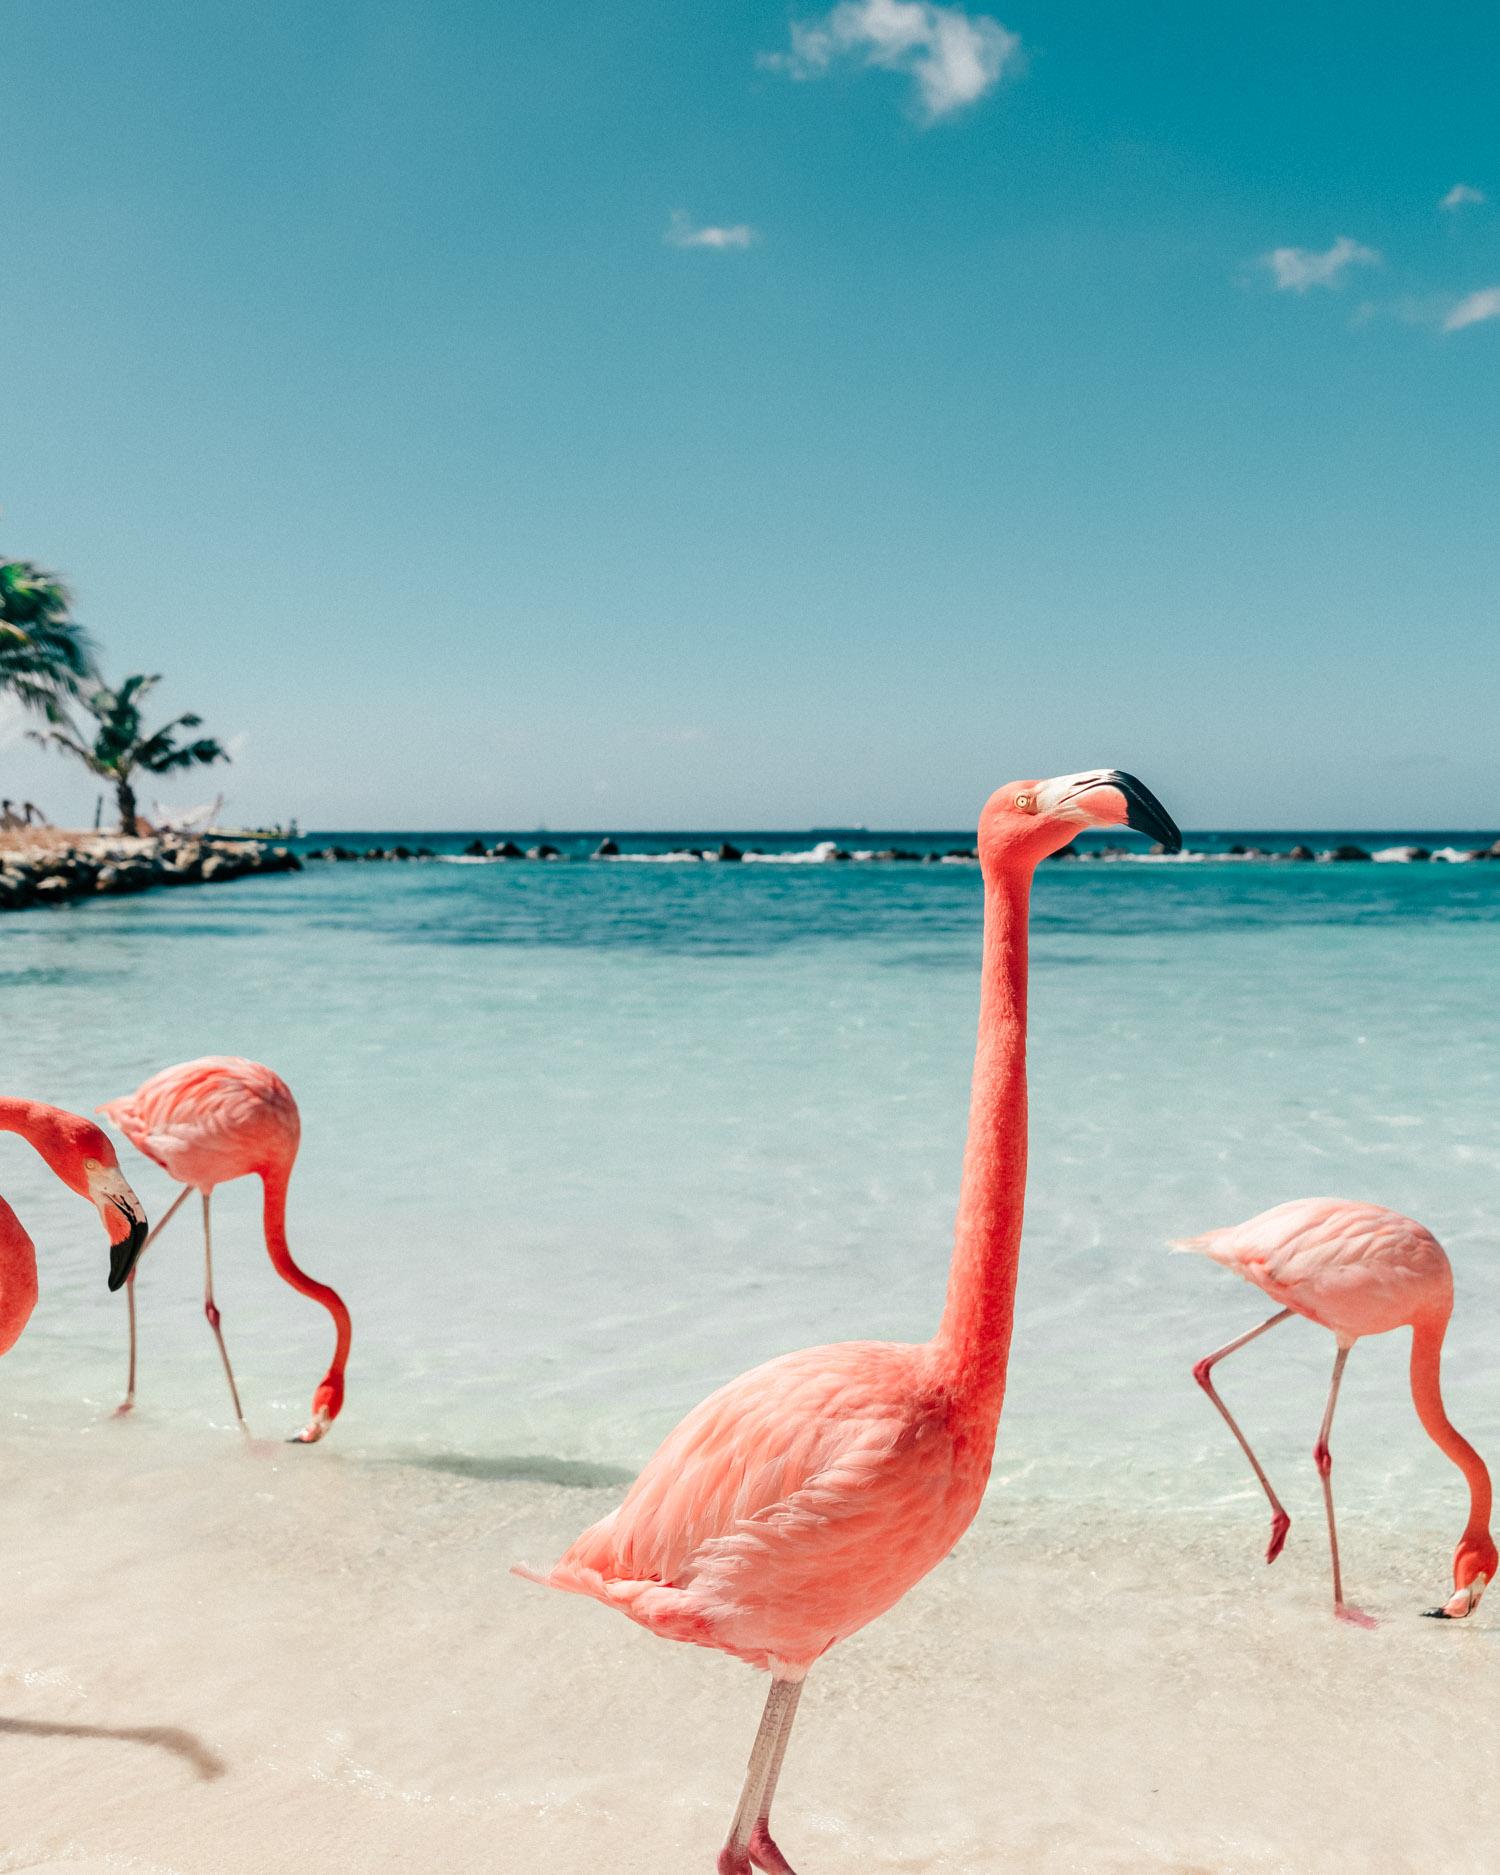 Private Island Beaches: The Ultimate Aruba Travel Guide